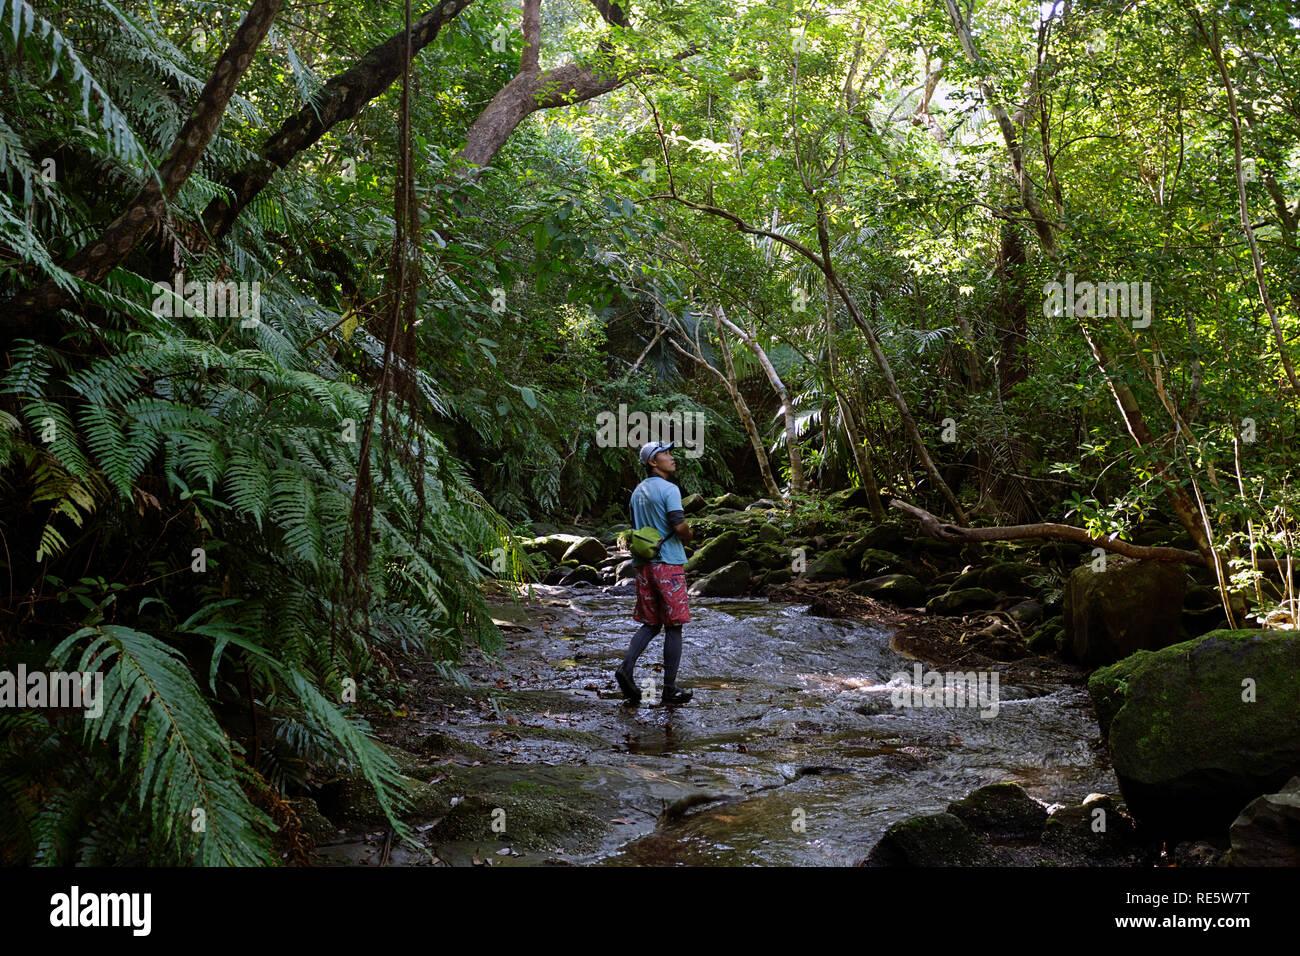 trekking through jungle stream in lush rainforest of Iriomote-jima, Okinawa, Japan - Stock Image